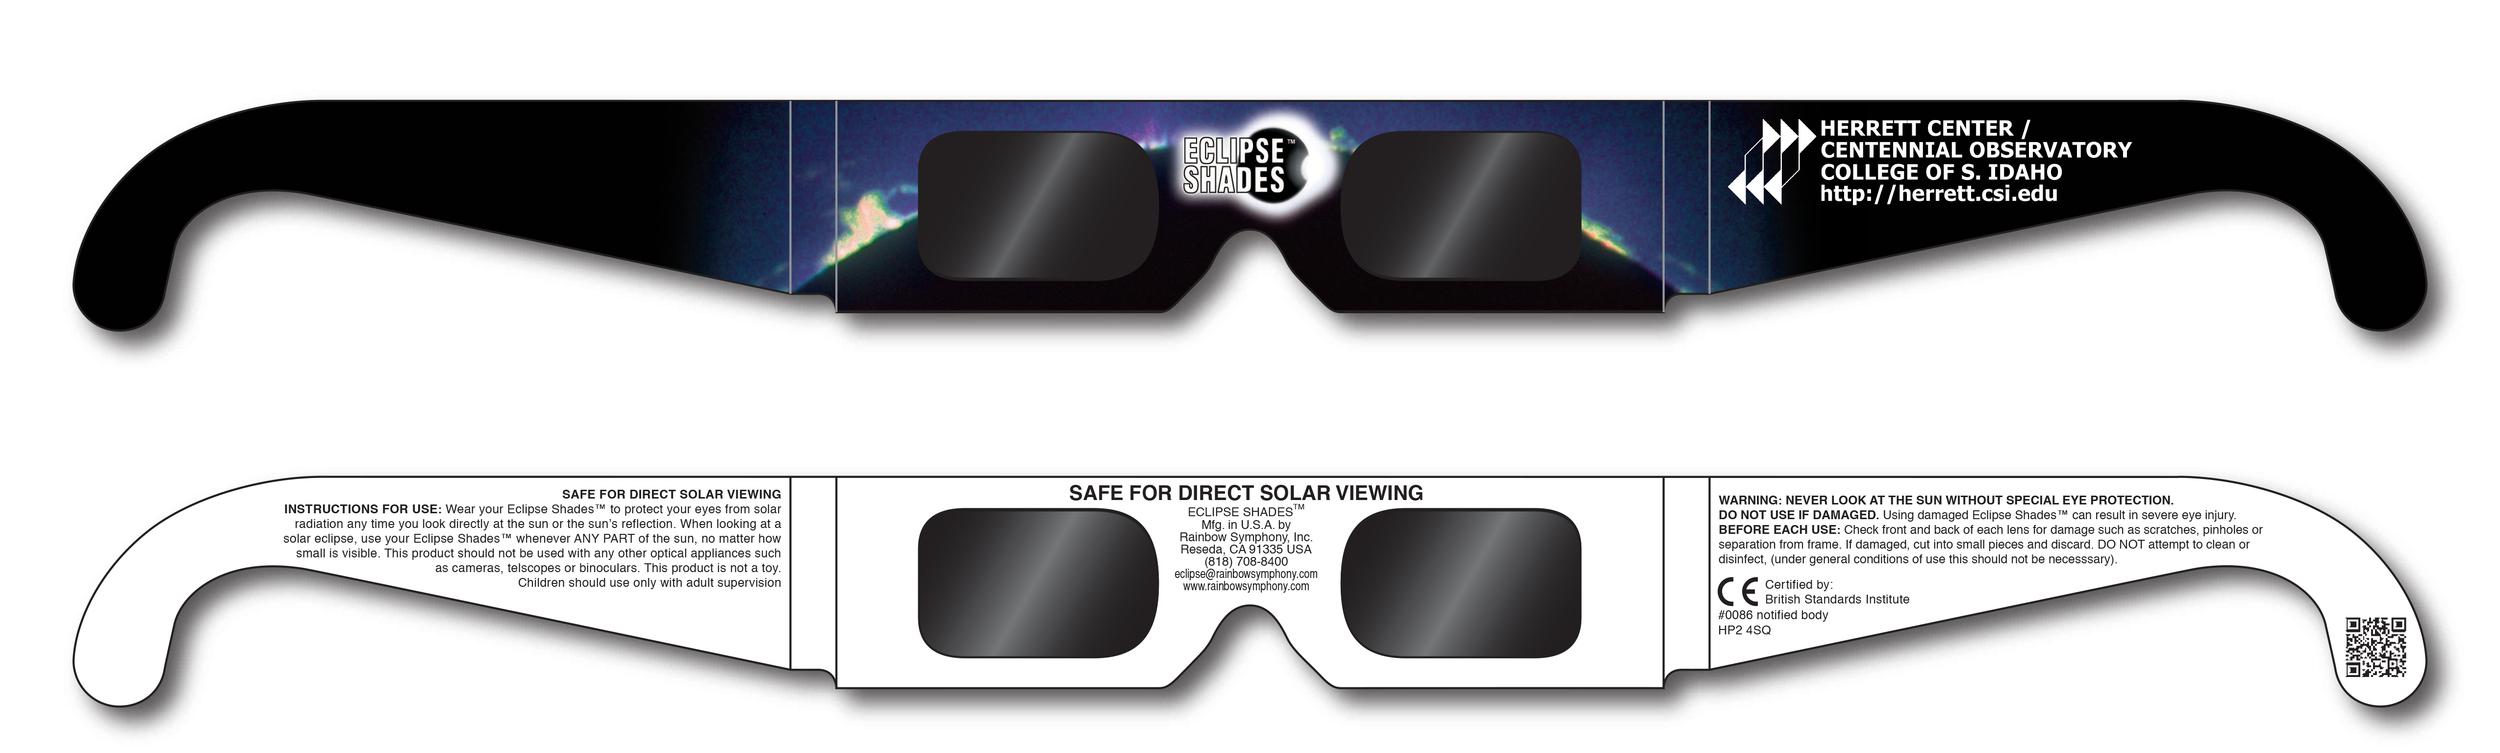 Centennial_Observatory_Eclipse_Glasses.jpg